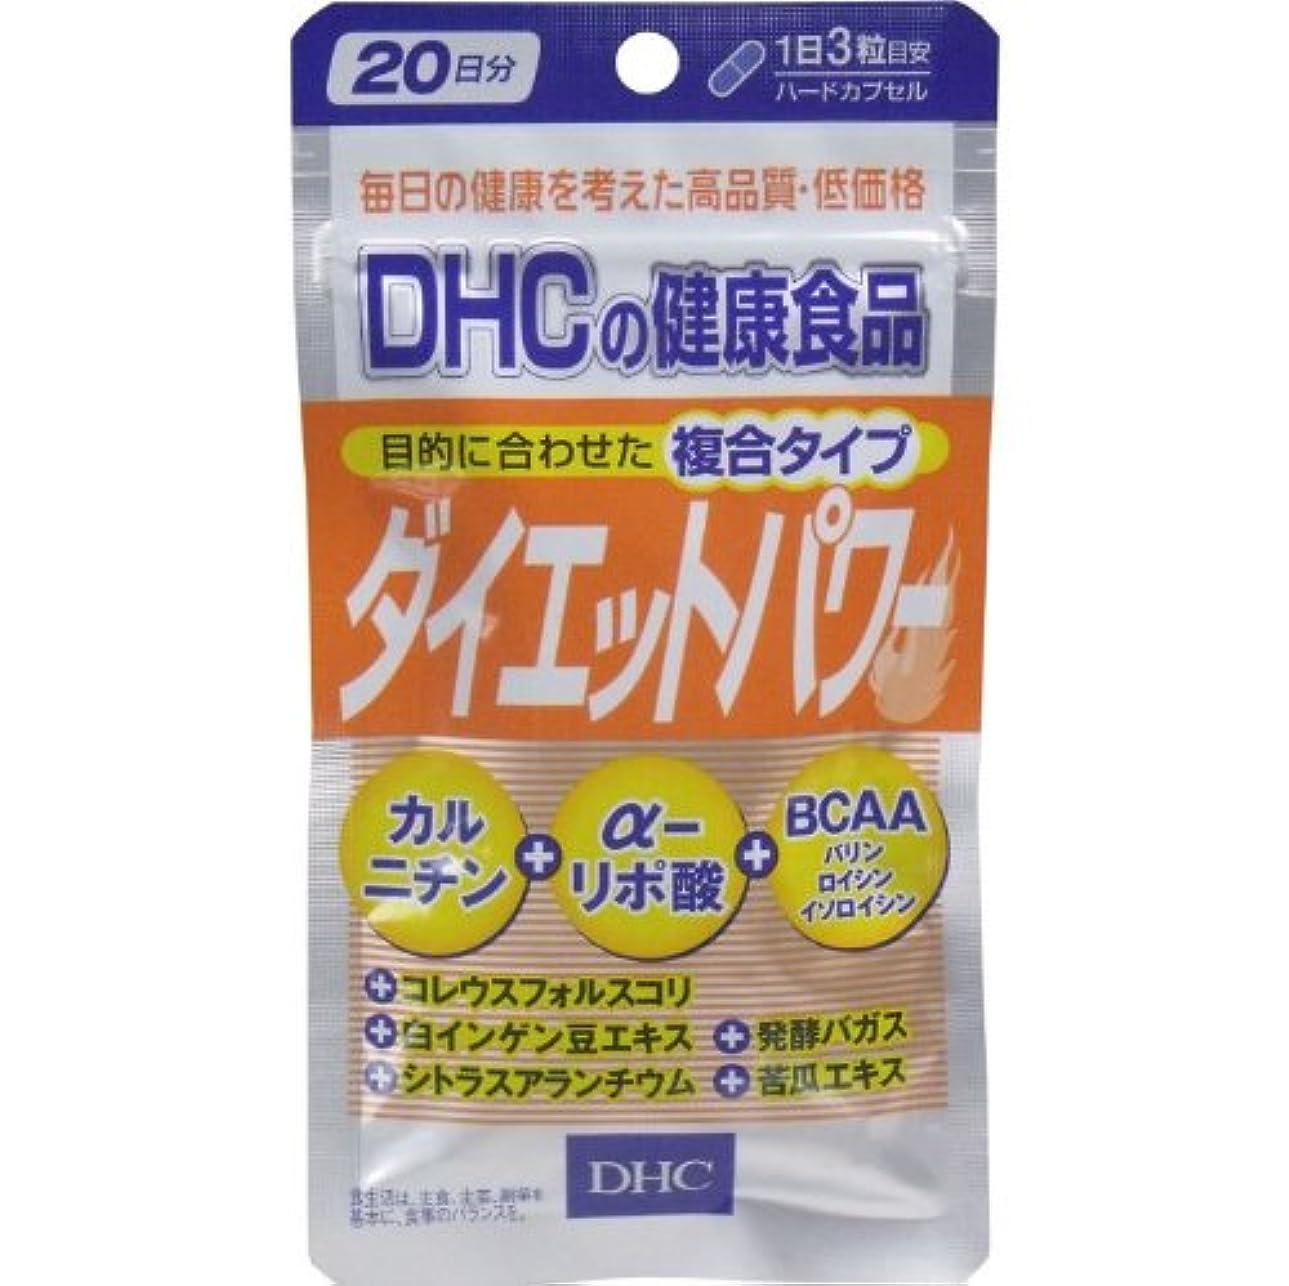 採用単に槍DHC ダイエットパワー 60粒入 20日分「4点セット」